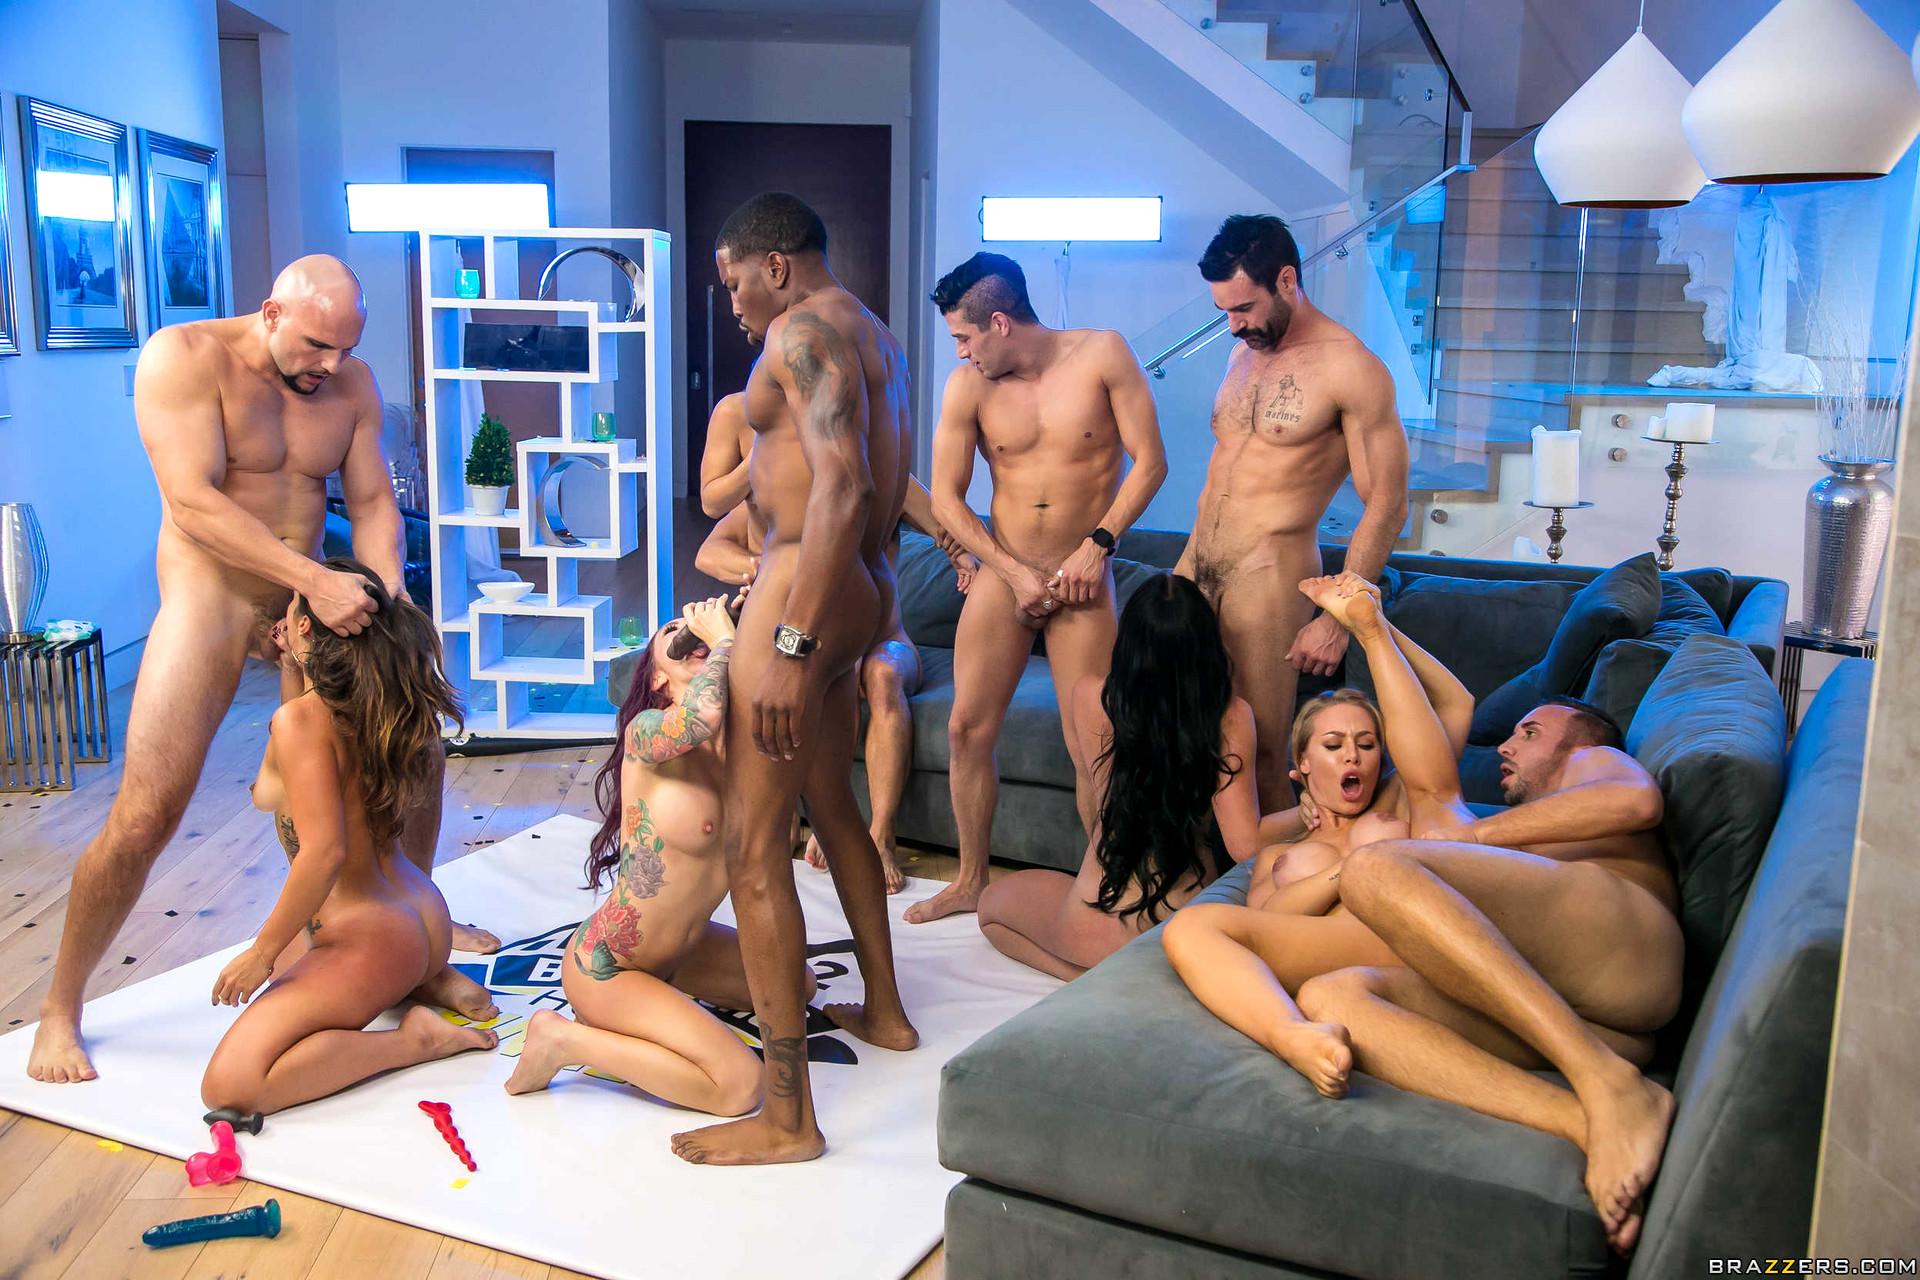 Французкие реалити шоу порно, Порно коллекция Секс шоу французское 23 фотография